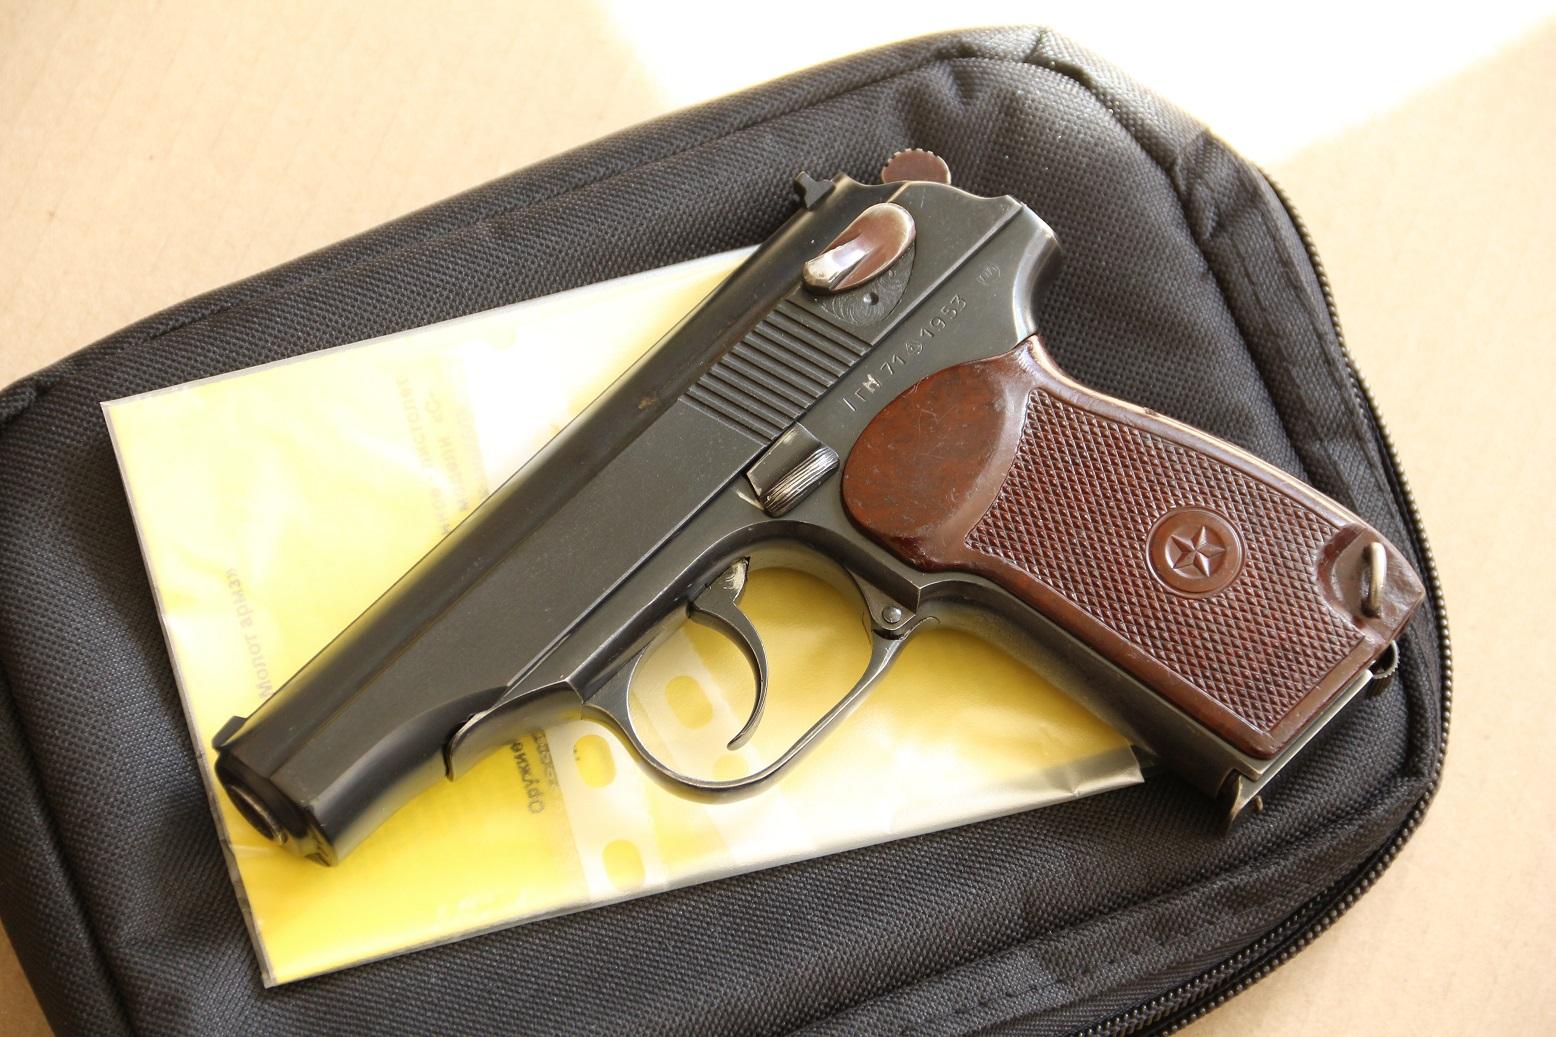 Охолощенный пистолет Макарова ПМ-СХ 1953 года, №ГН 71, деактив 2020 года